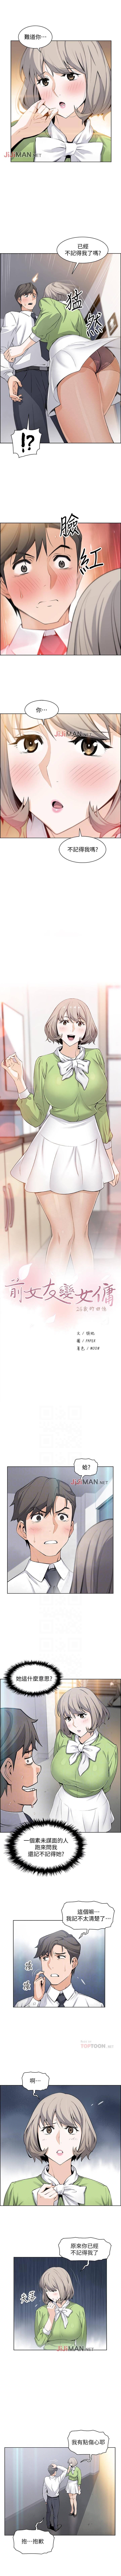 【周四连载】前女友变女佣(作者:PAPER&頸枕) 第1~33话 111